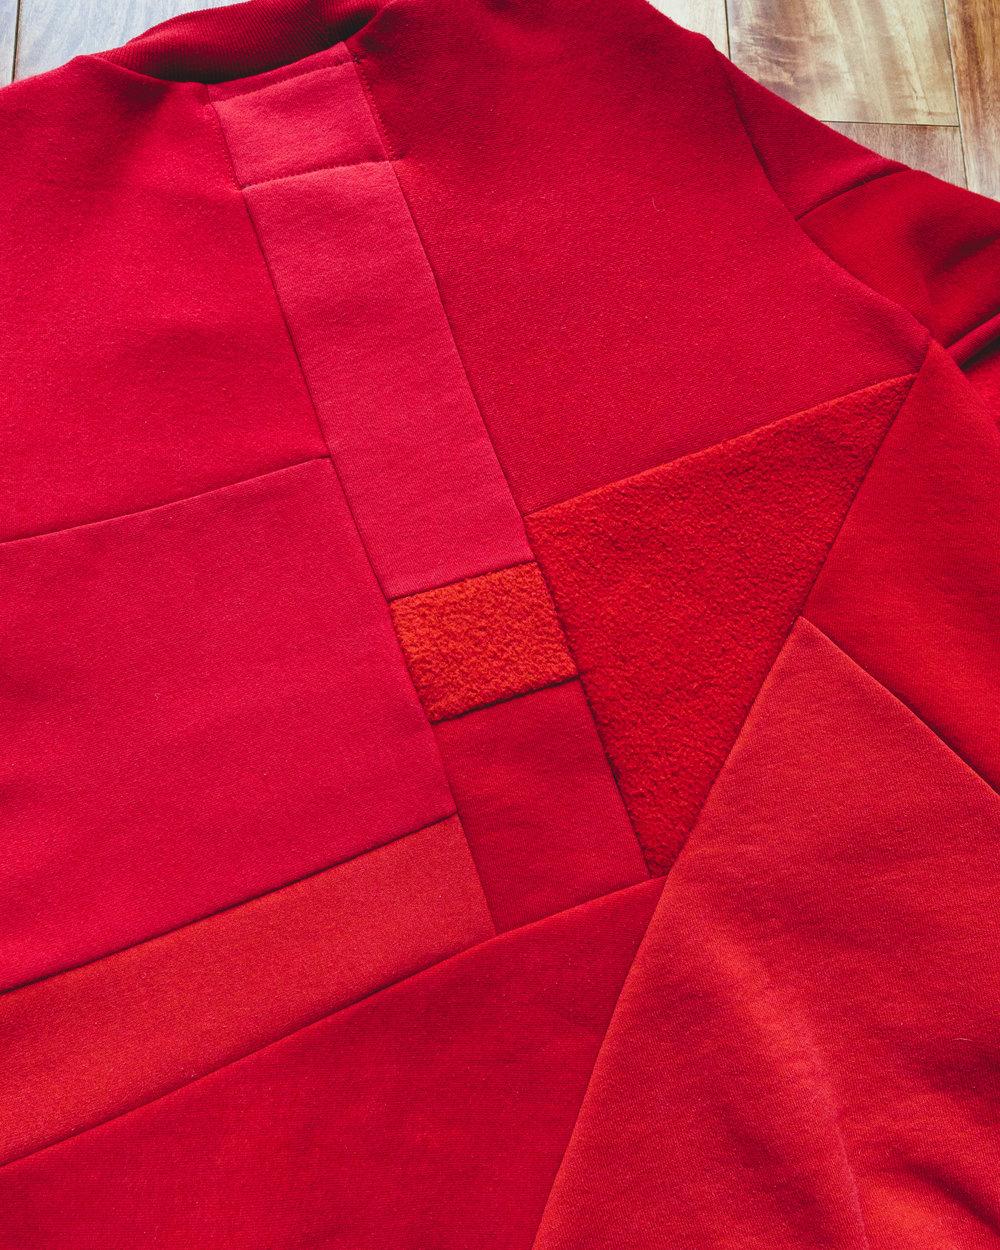 red-7.jpg